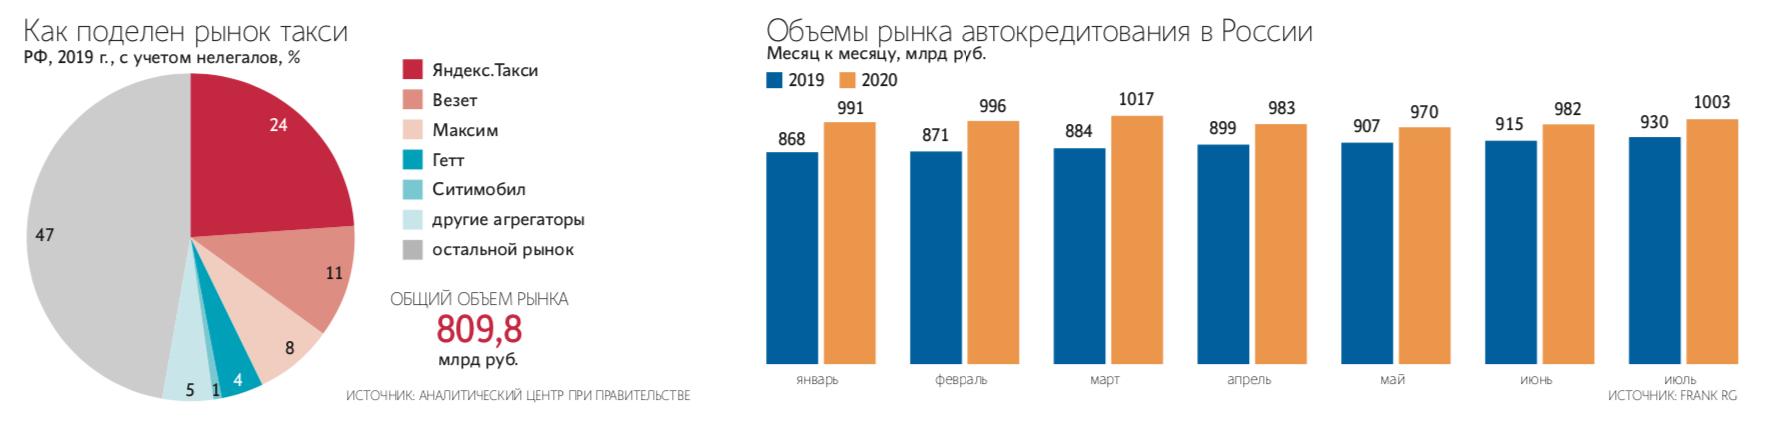 Как поделен рынок такси в России